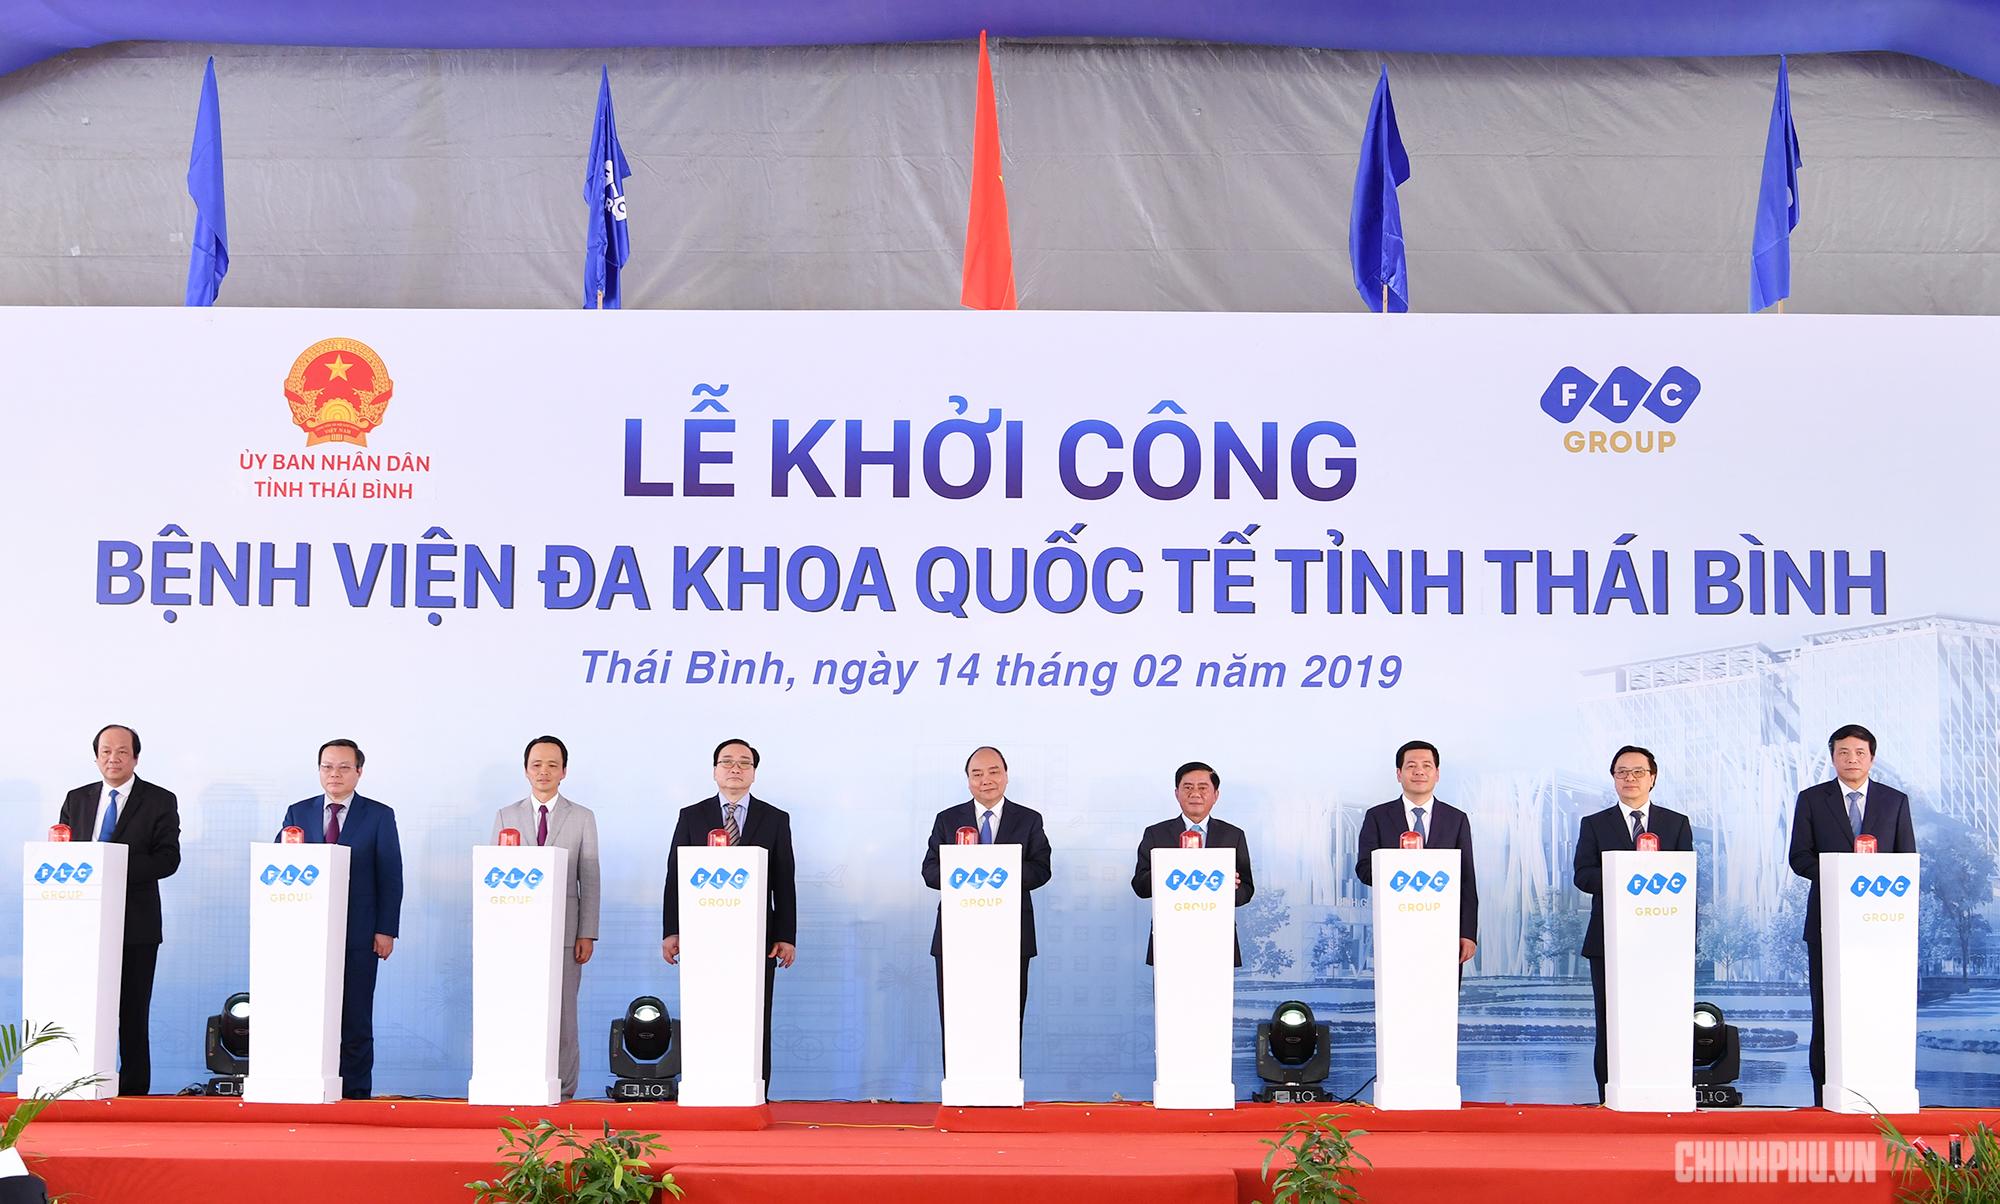 thu tuong du khoi cong benh vien lon nhat tinh thai binh